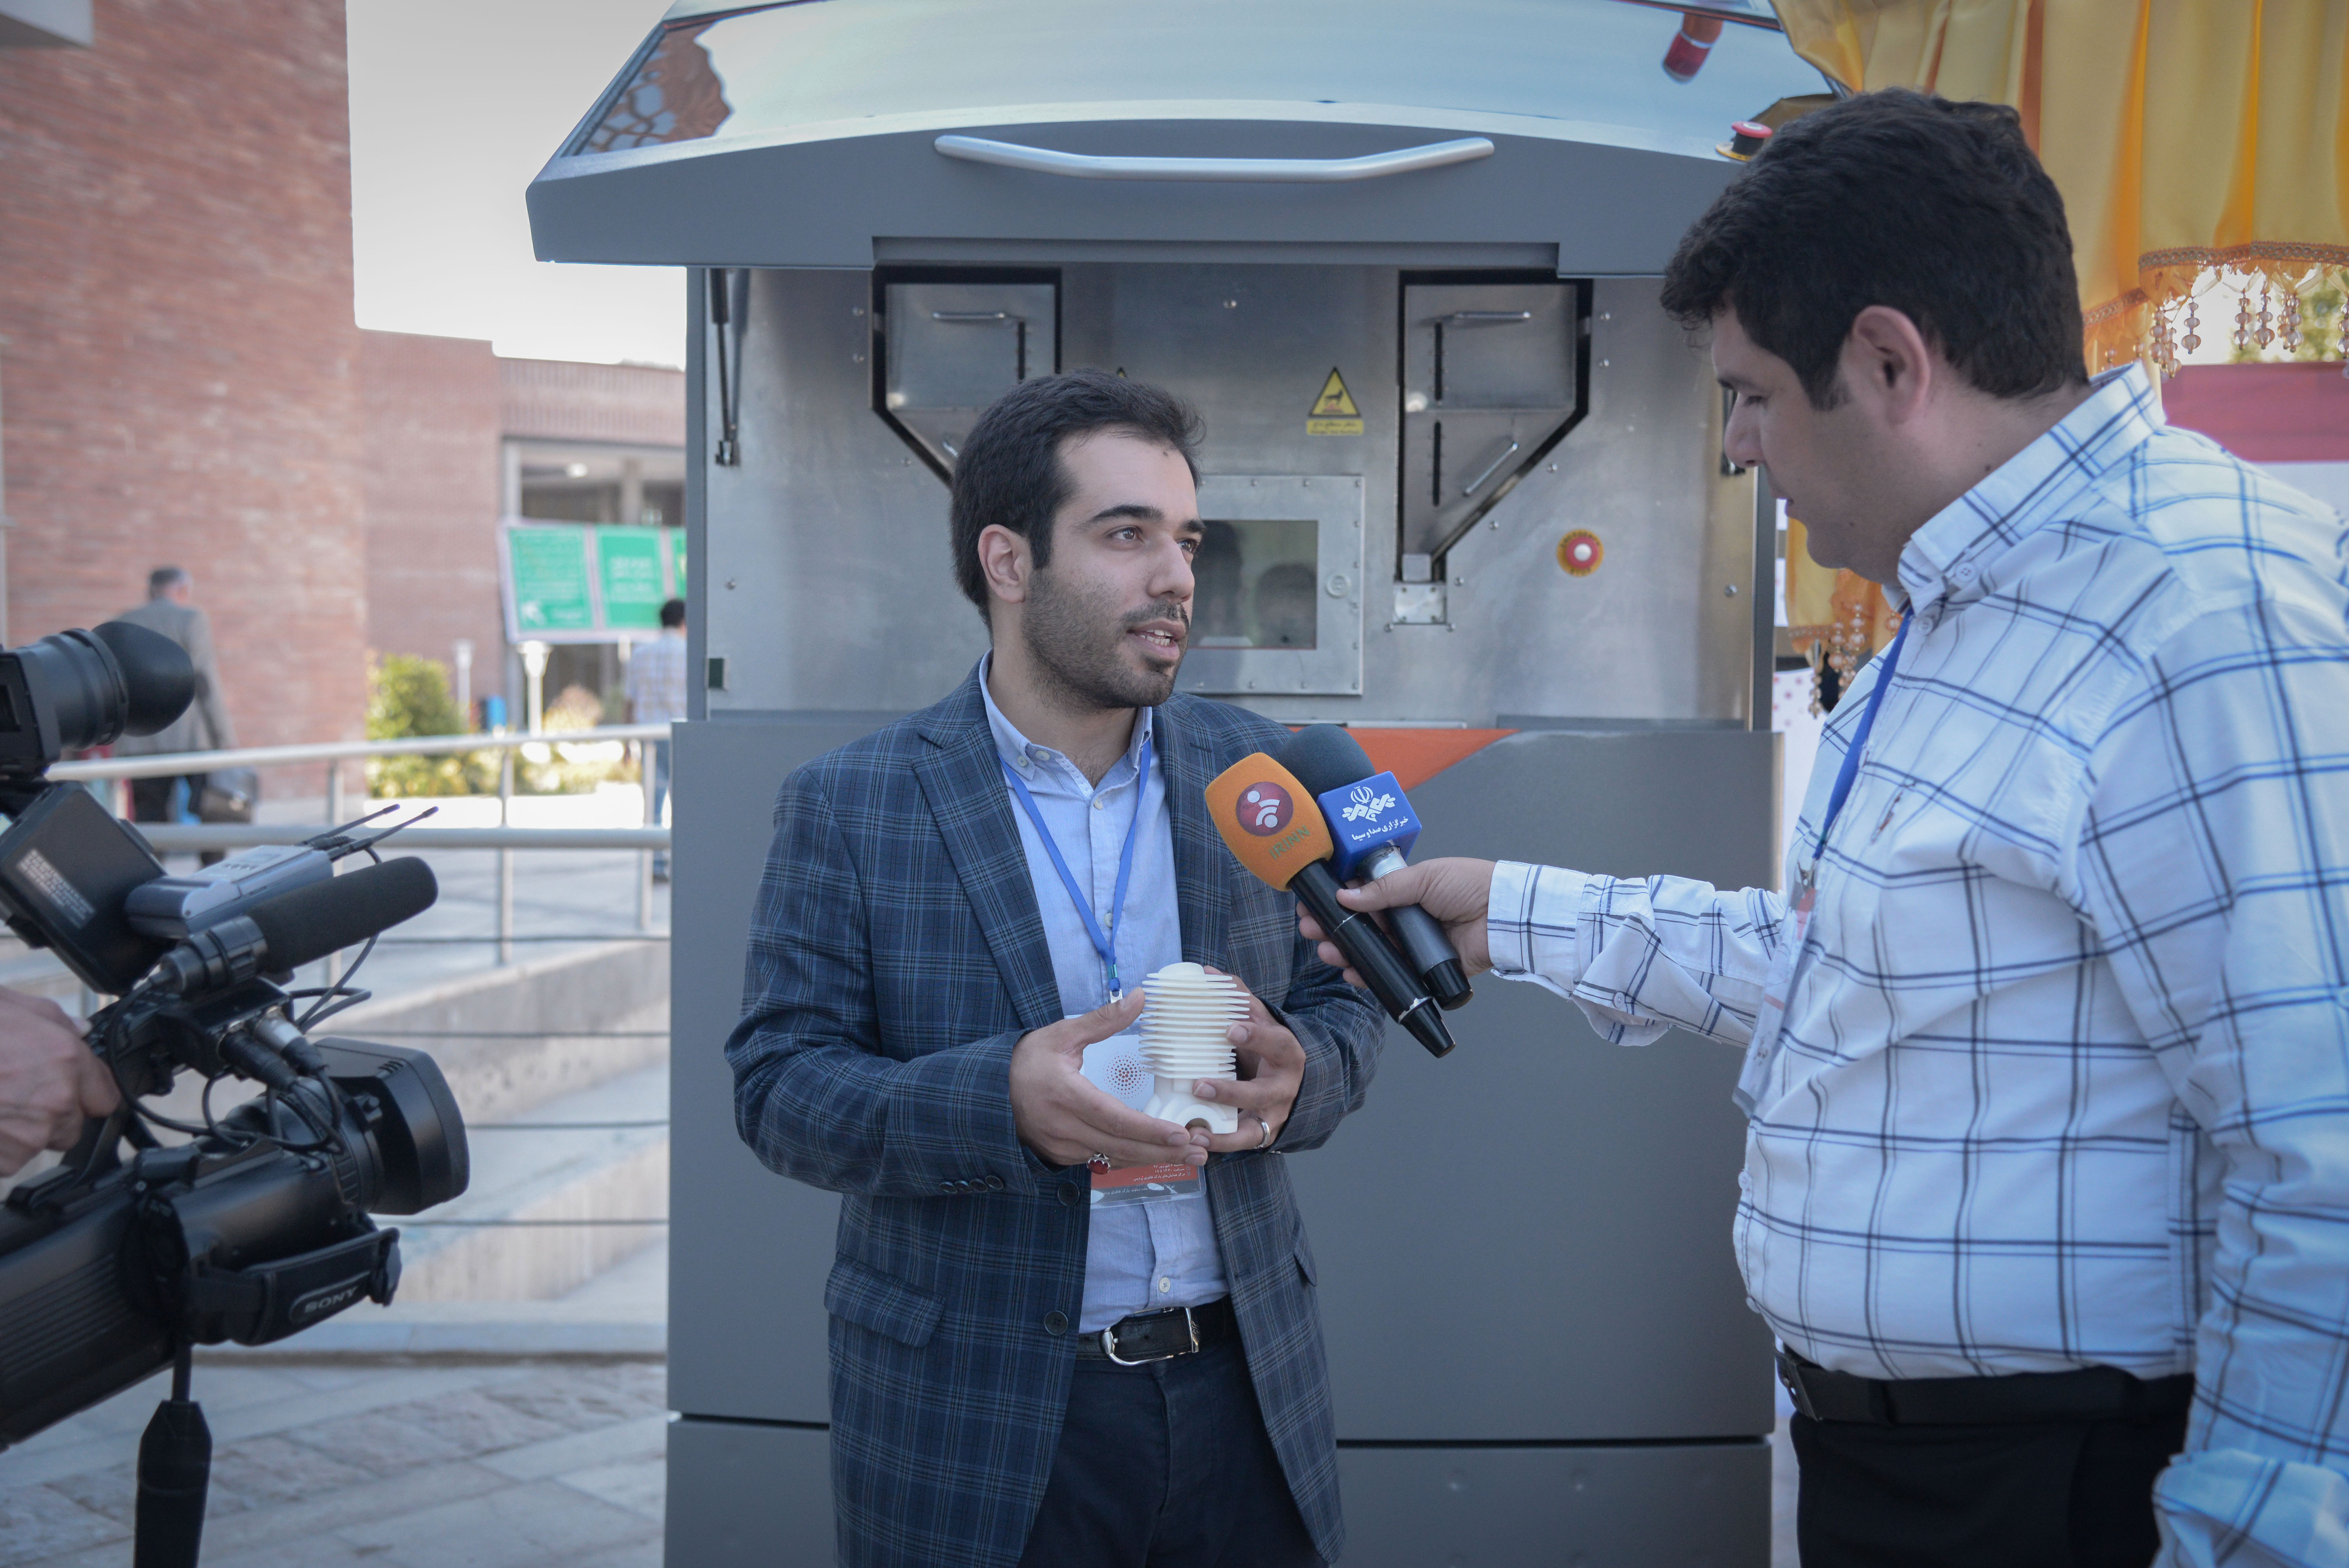 رونمایی از دستگاه پرینتر سه بعدی SLS ایرانی تیوان R230 در پارک فناوری پردیس